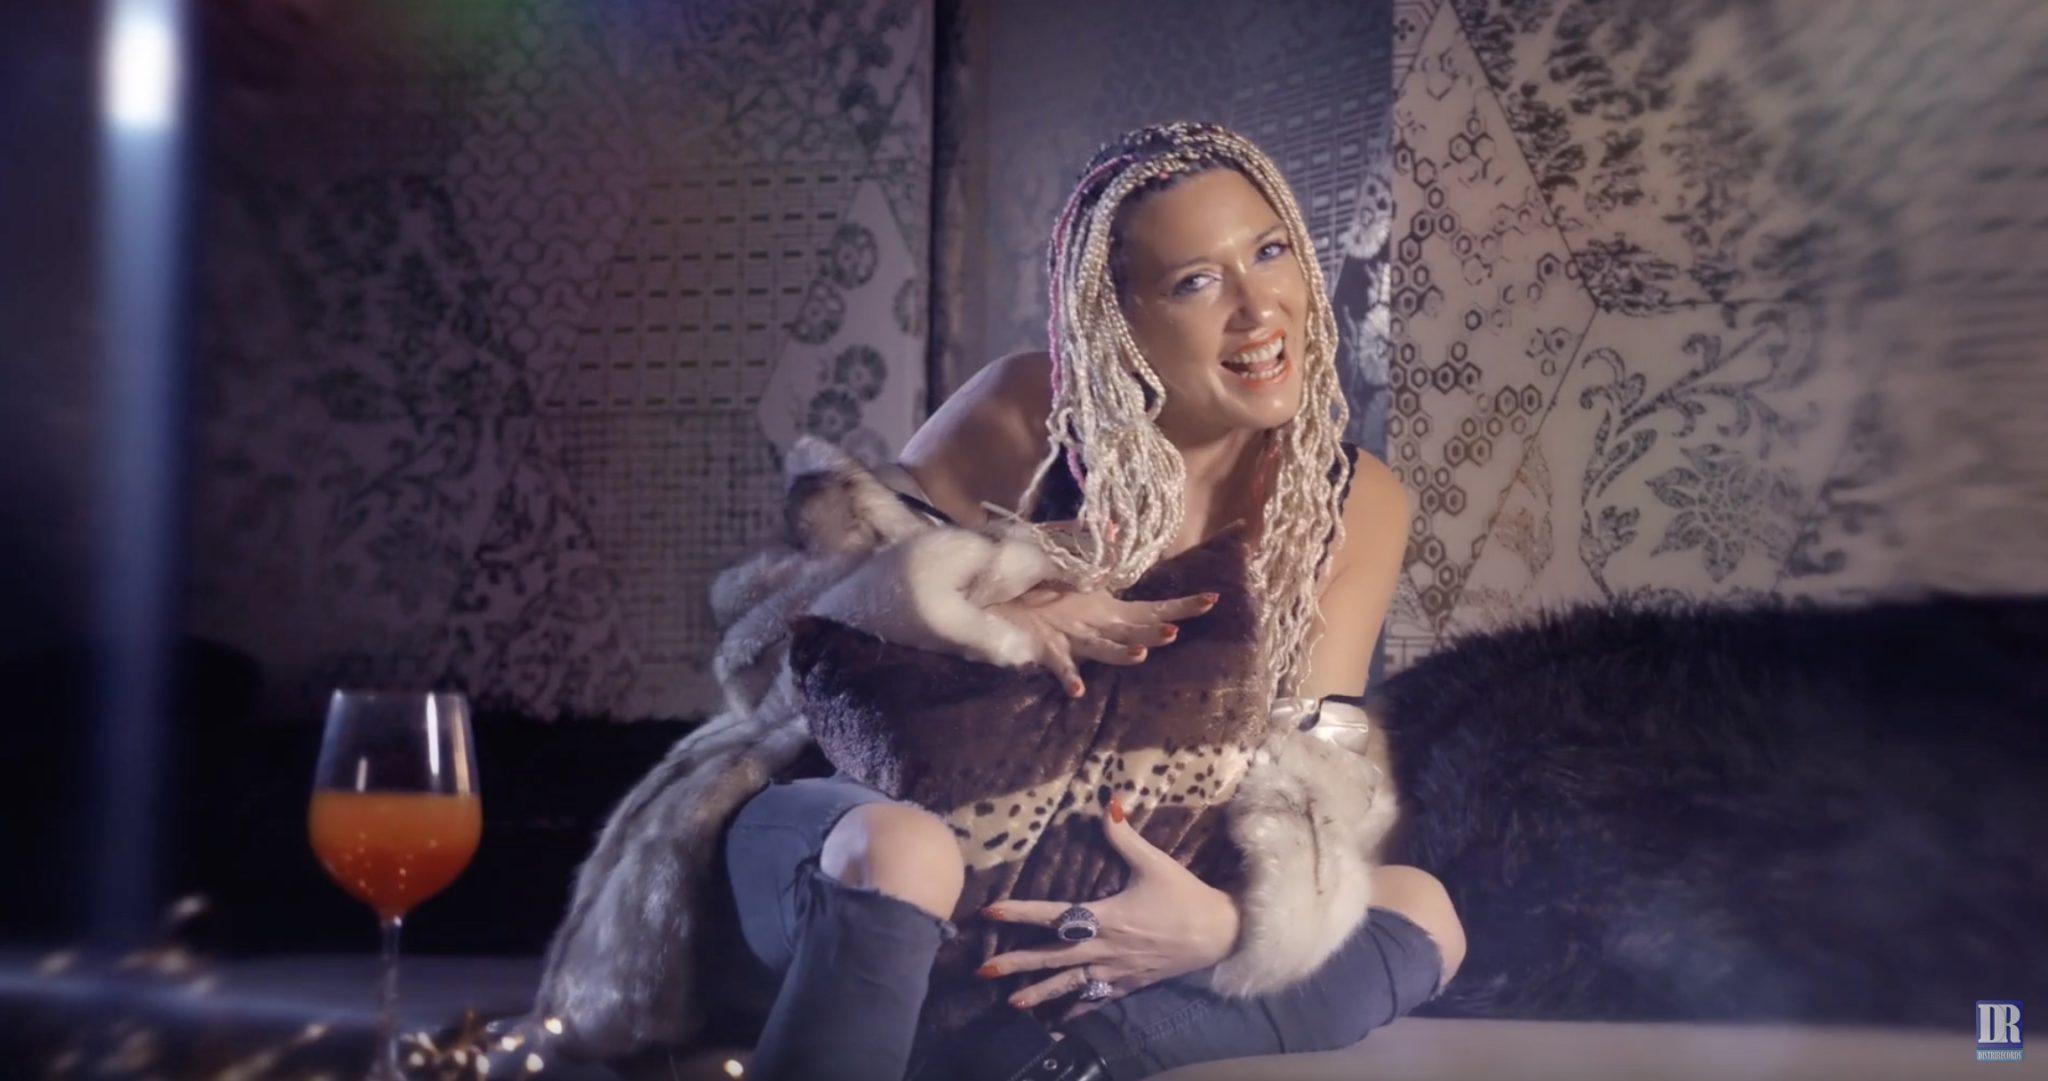 Maria Leal Sou A Tua Menina Maria Leal Lança Nova Música... Mais Um Sucesso?